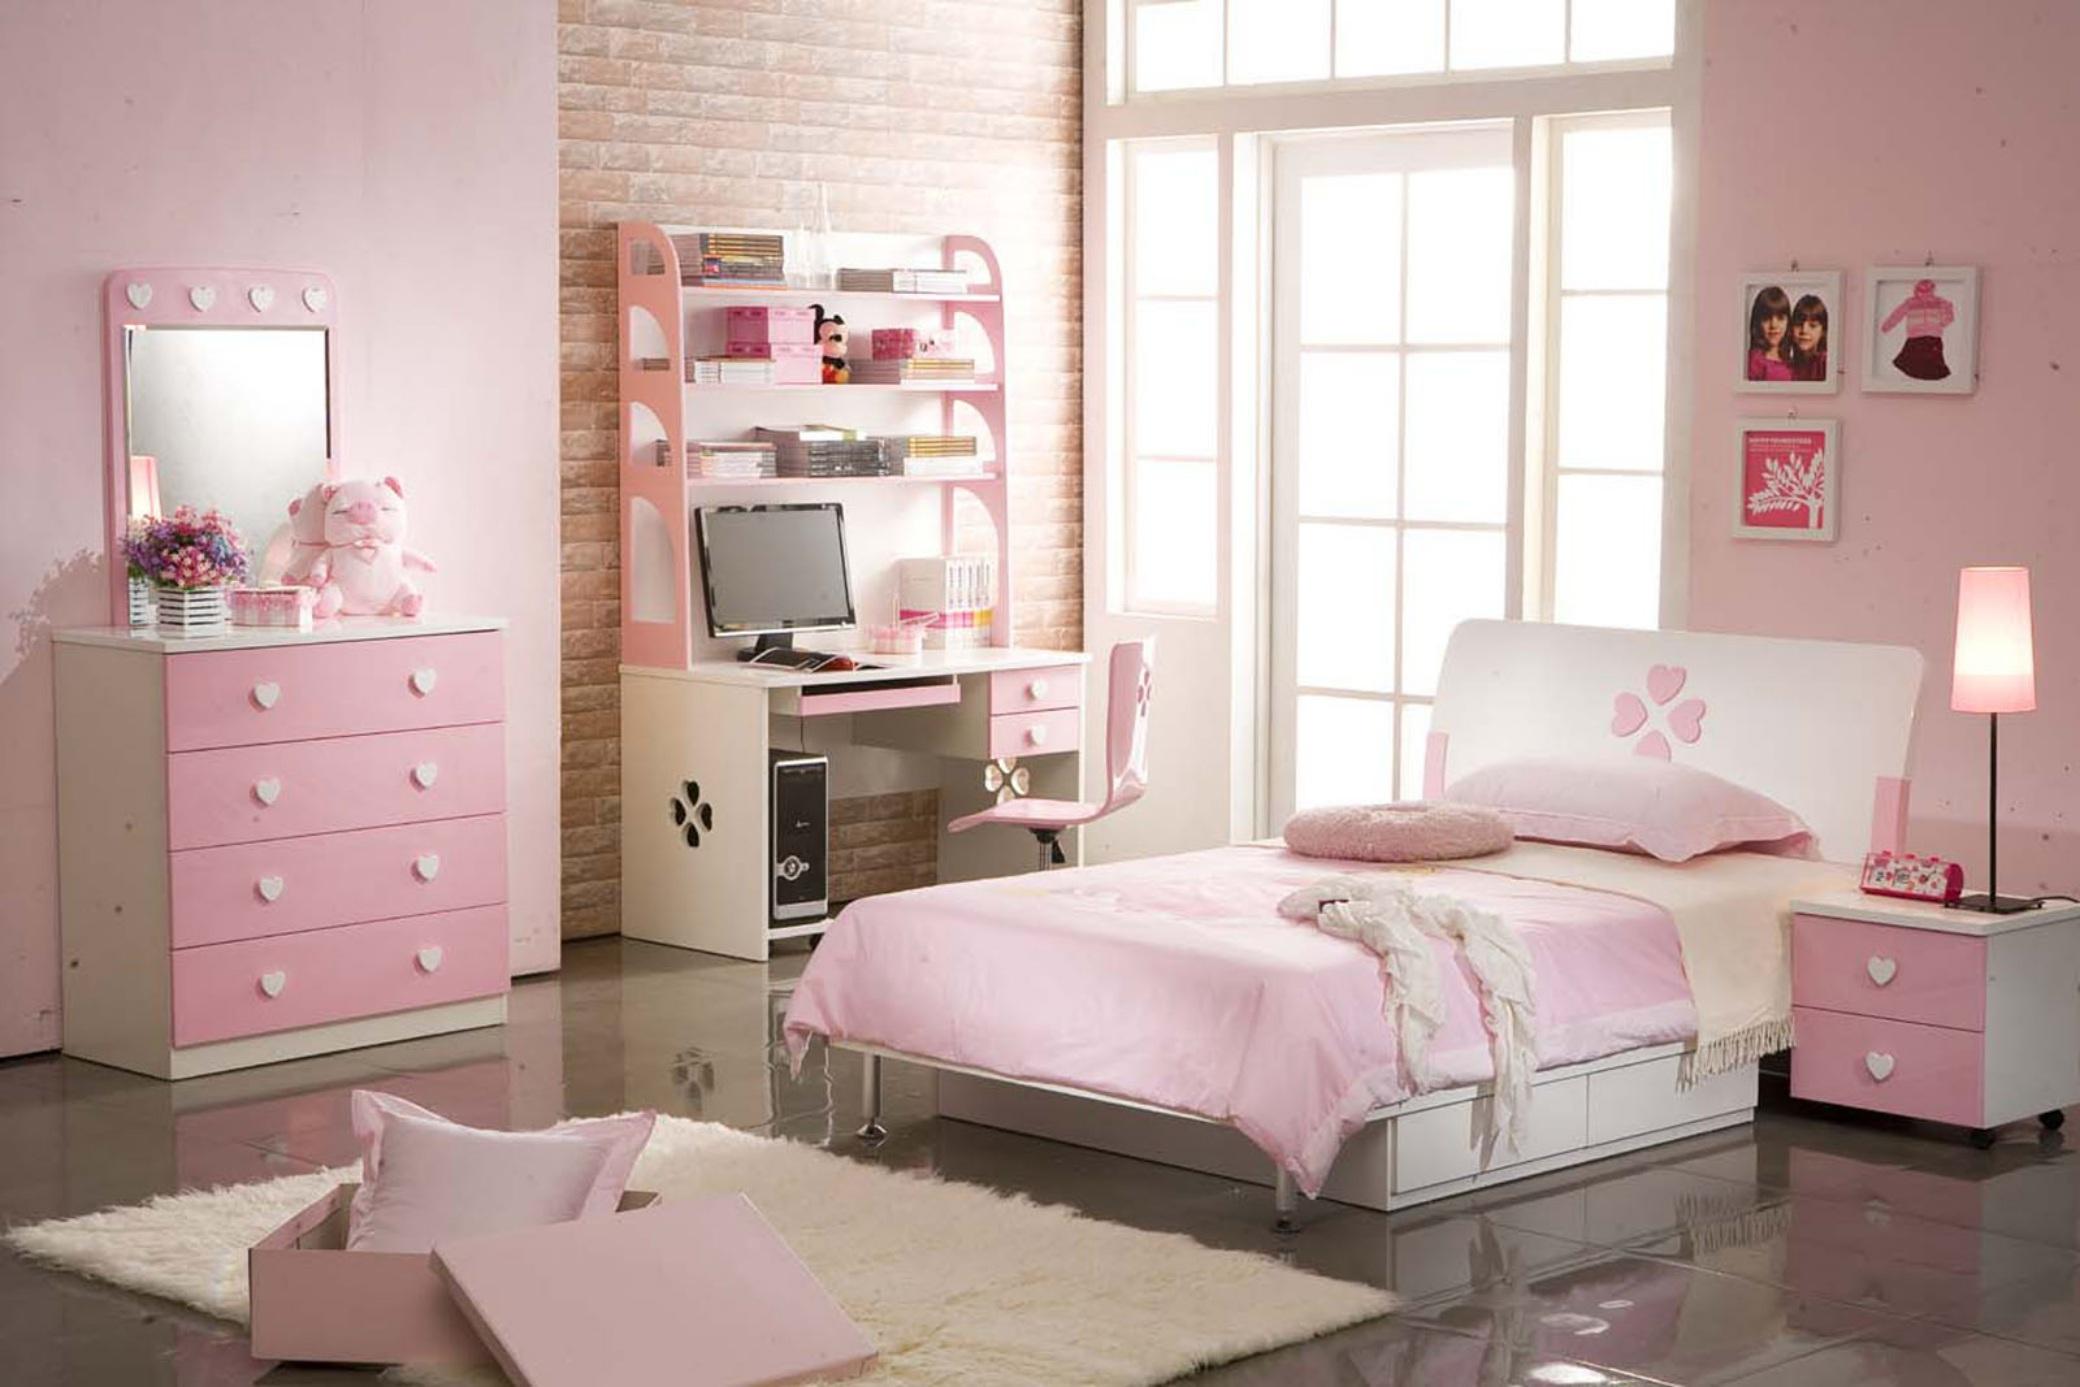 صور ديكور غرف نوم بنات , اجمل تشكيلة صور لديكورات غرف بنات